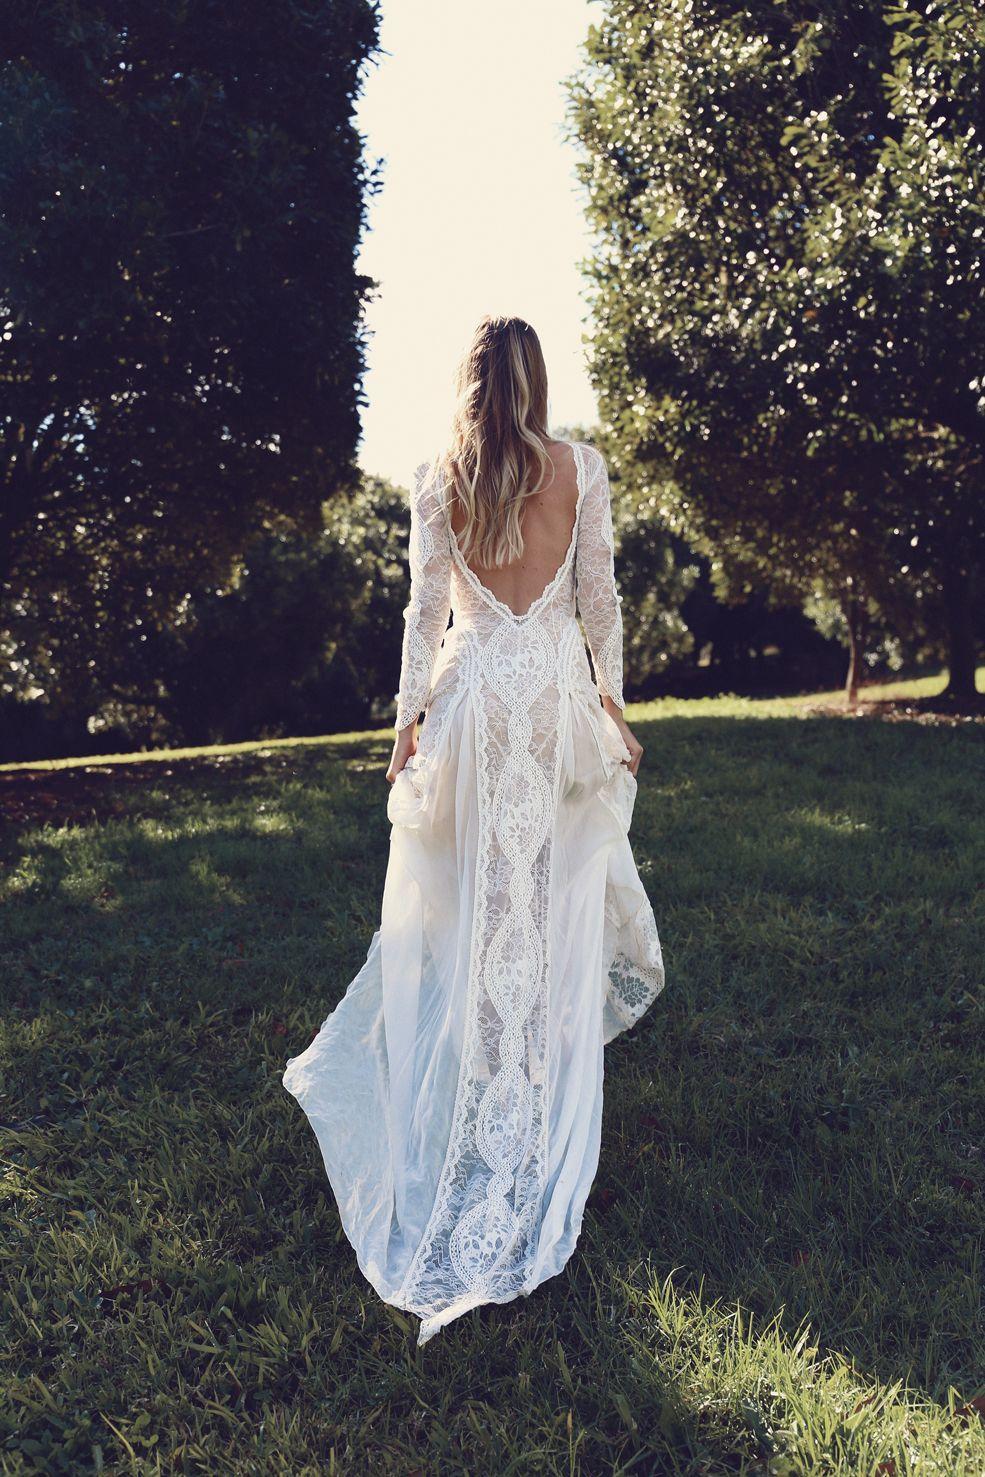 Pin von Marie Claire auf Brautkleider, Schuhe & Co. | Pinterest ...